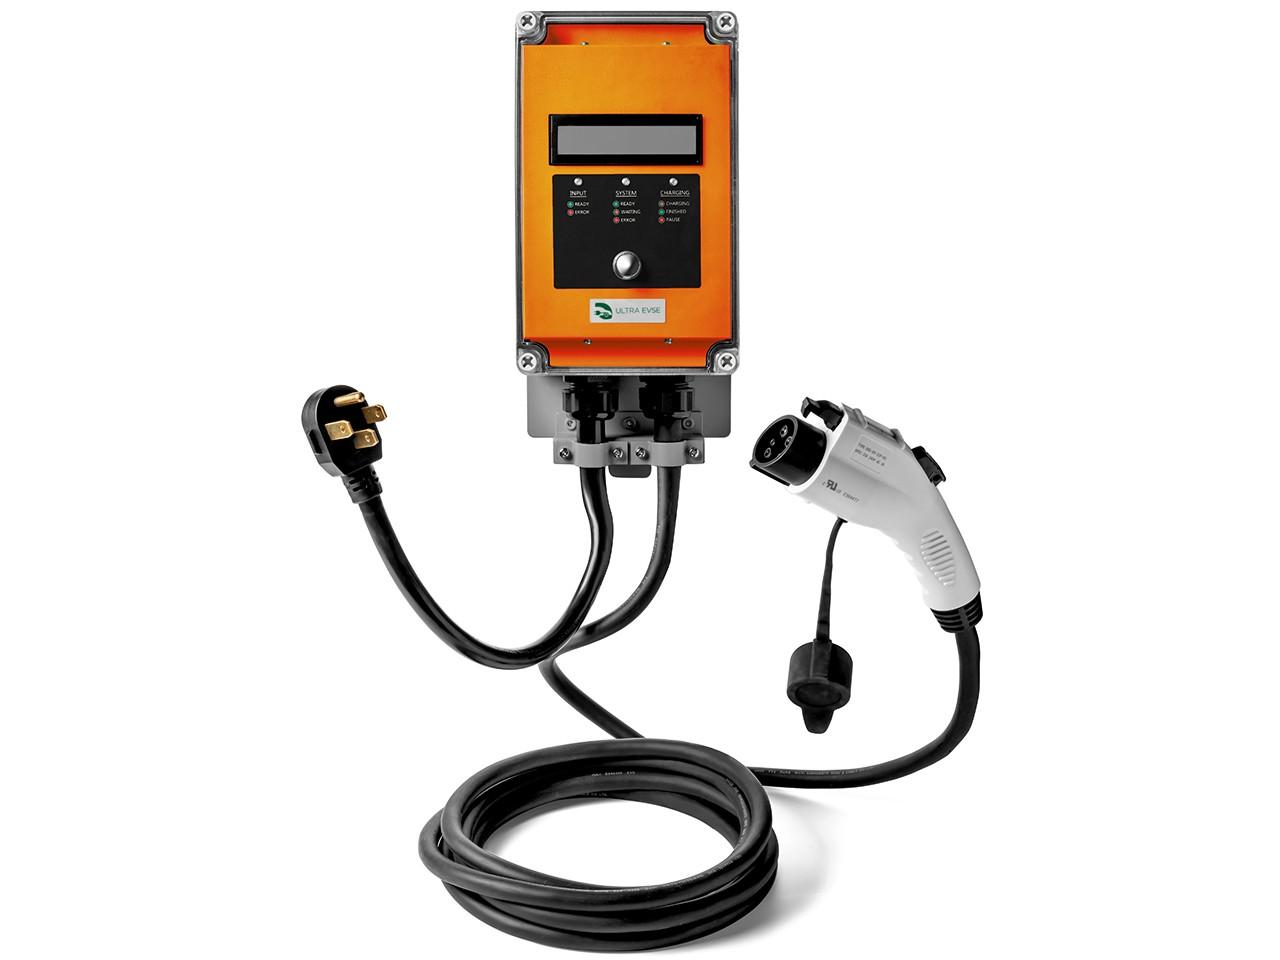 Ultra 32 Amp Electric Vehicle EV Charging Station J1772 NEMA 14-50 240V Level 2 18ft EVSE with Display- Orange